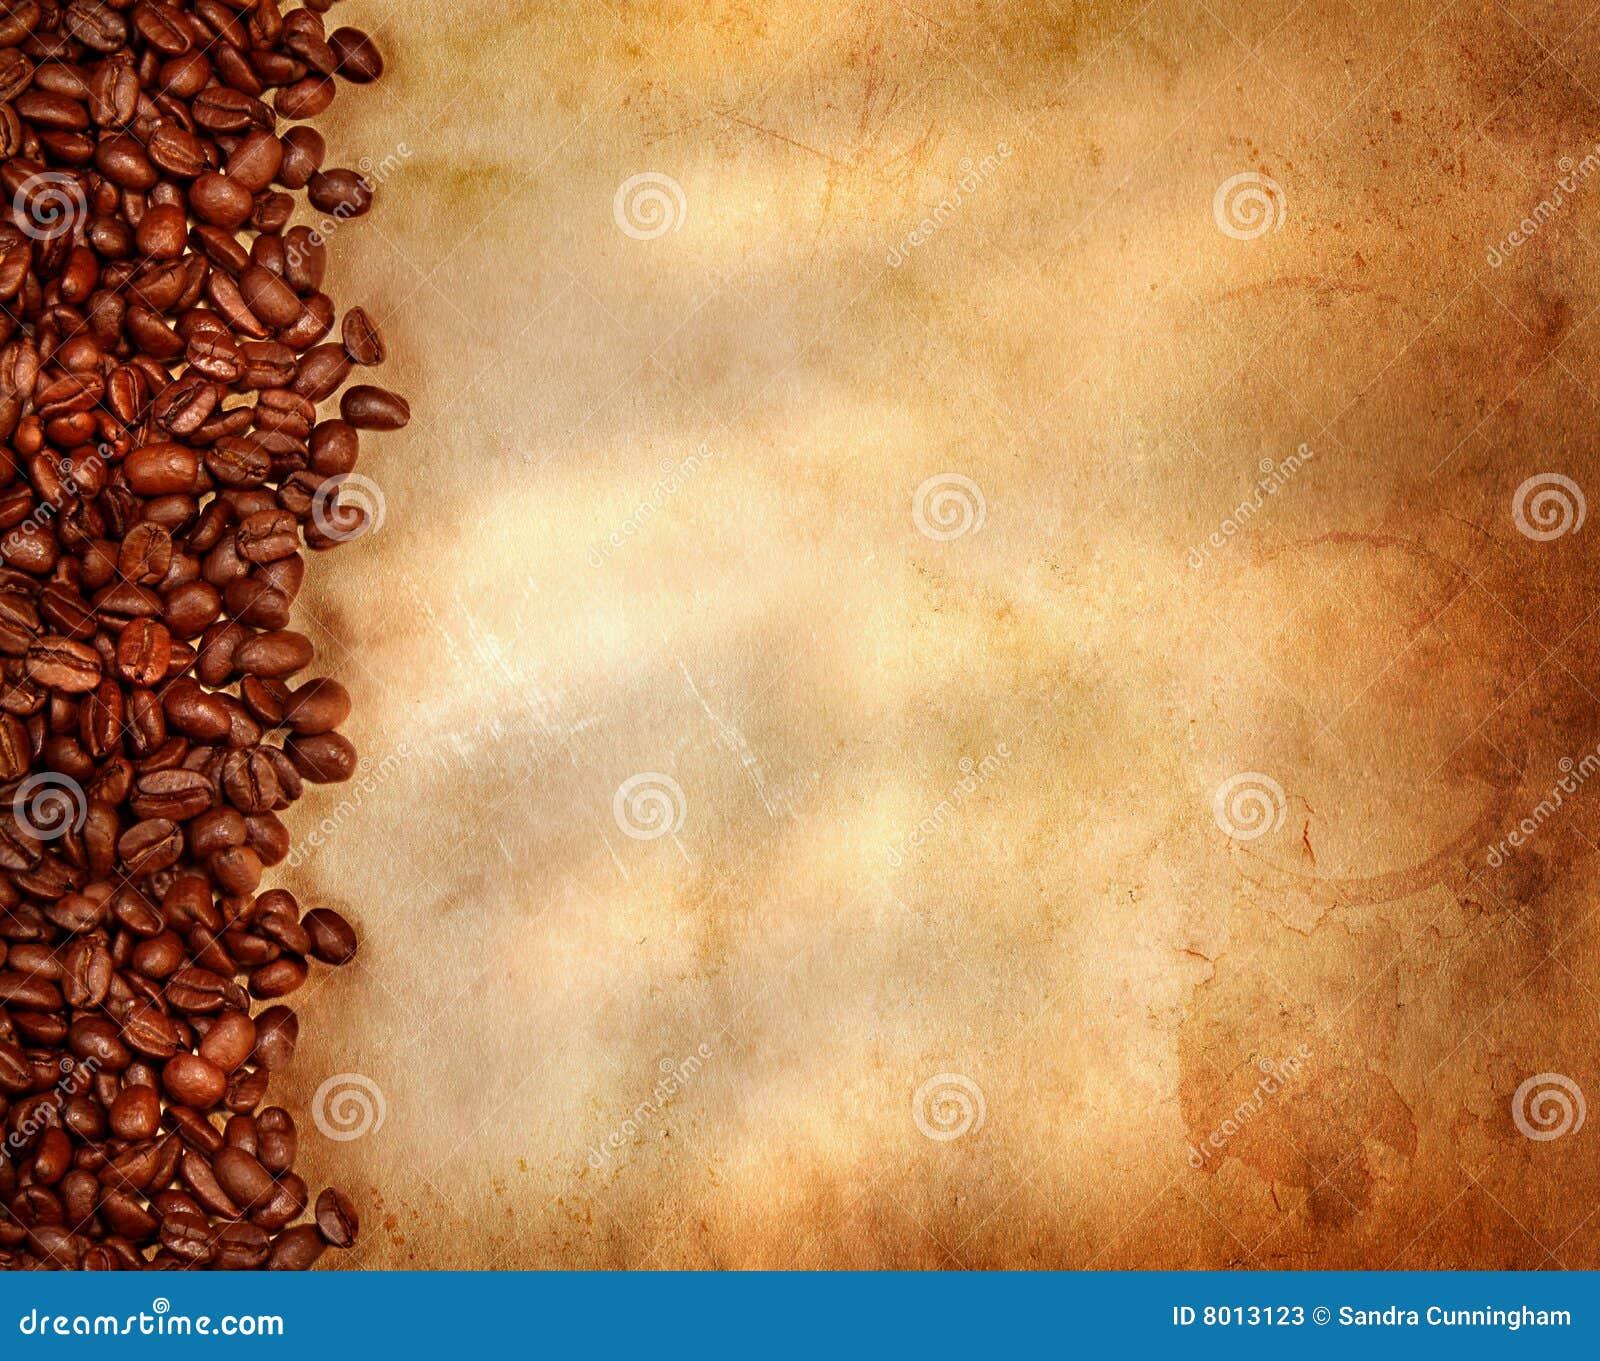 豆咖啡老纸羊皮纸